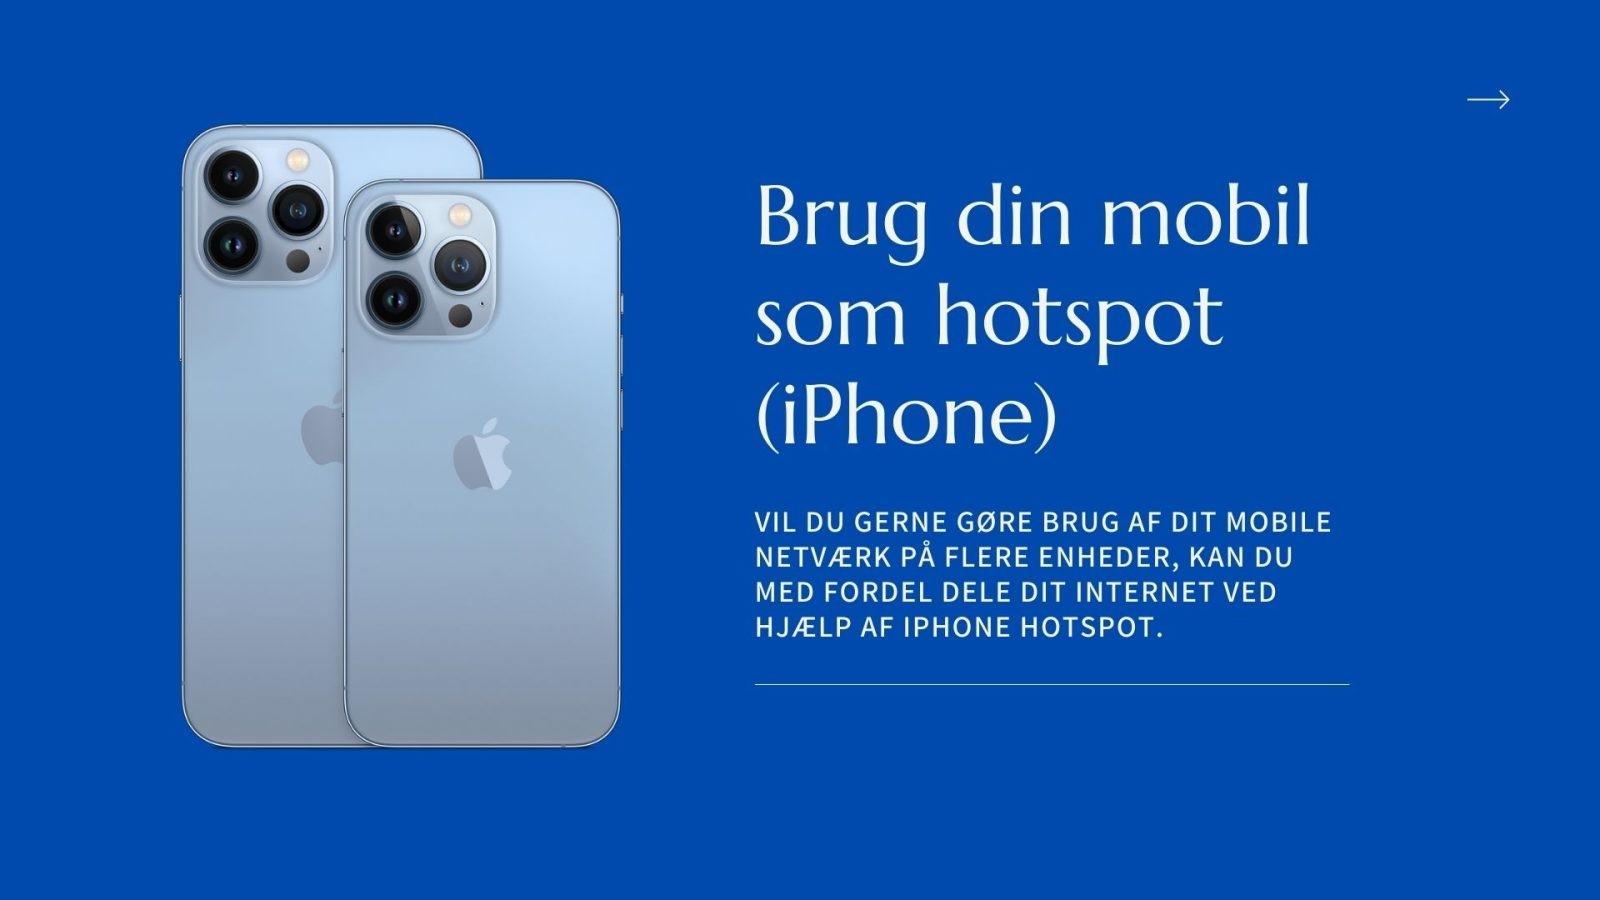 Brug din mobil som hotspot - iPhone